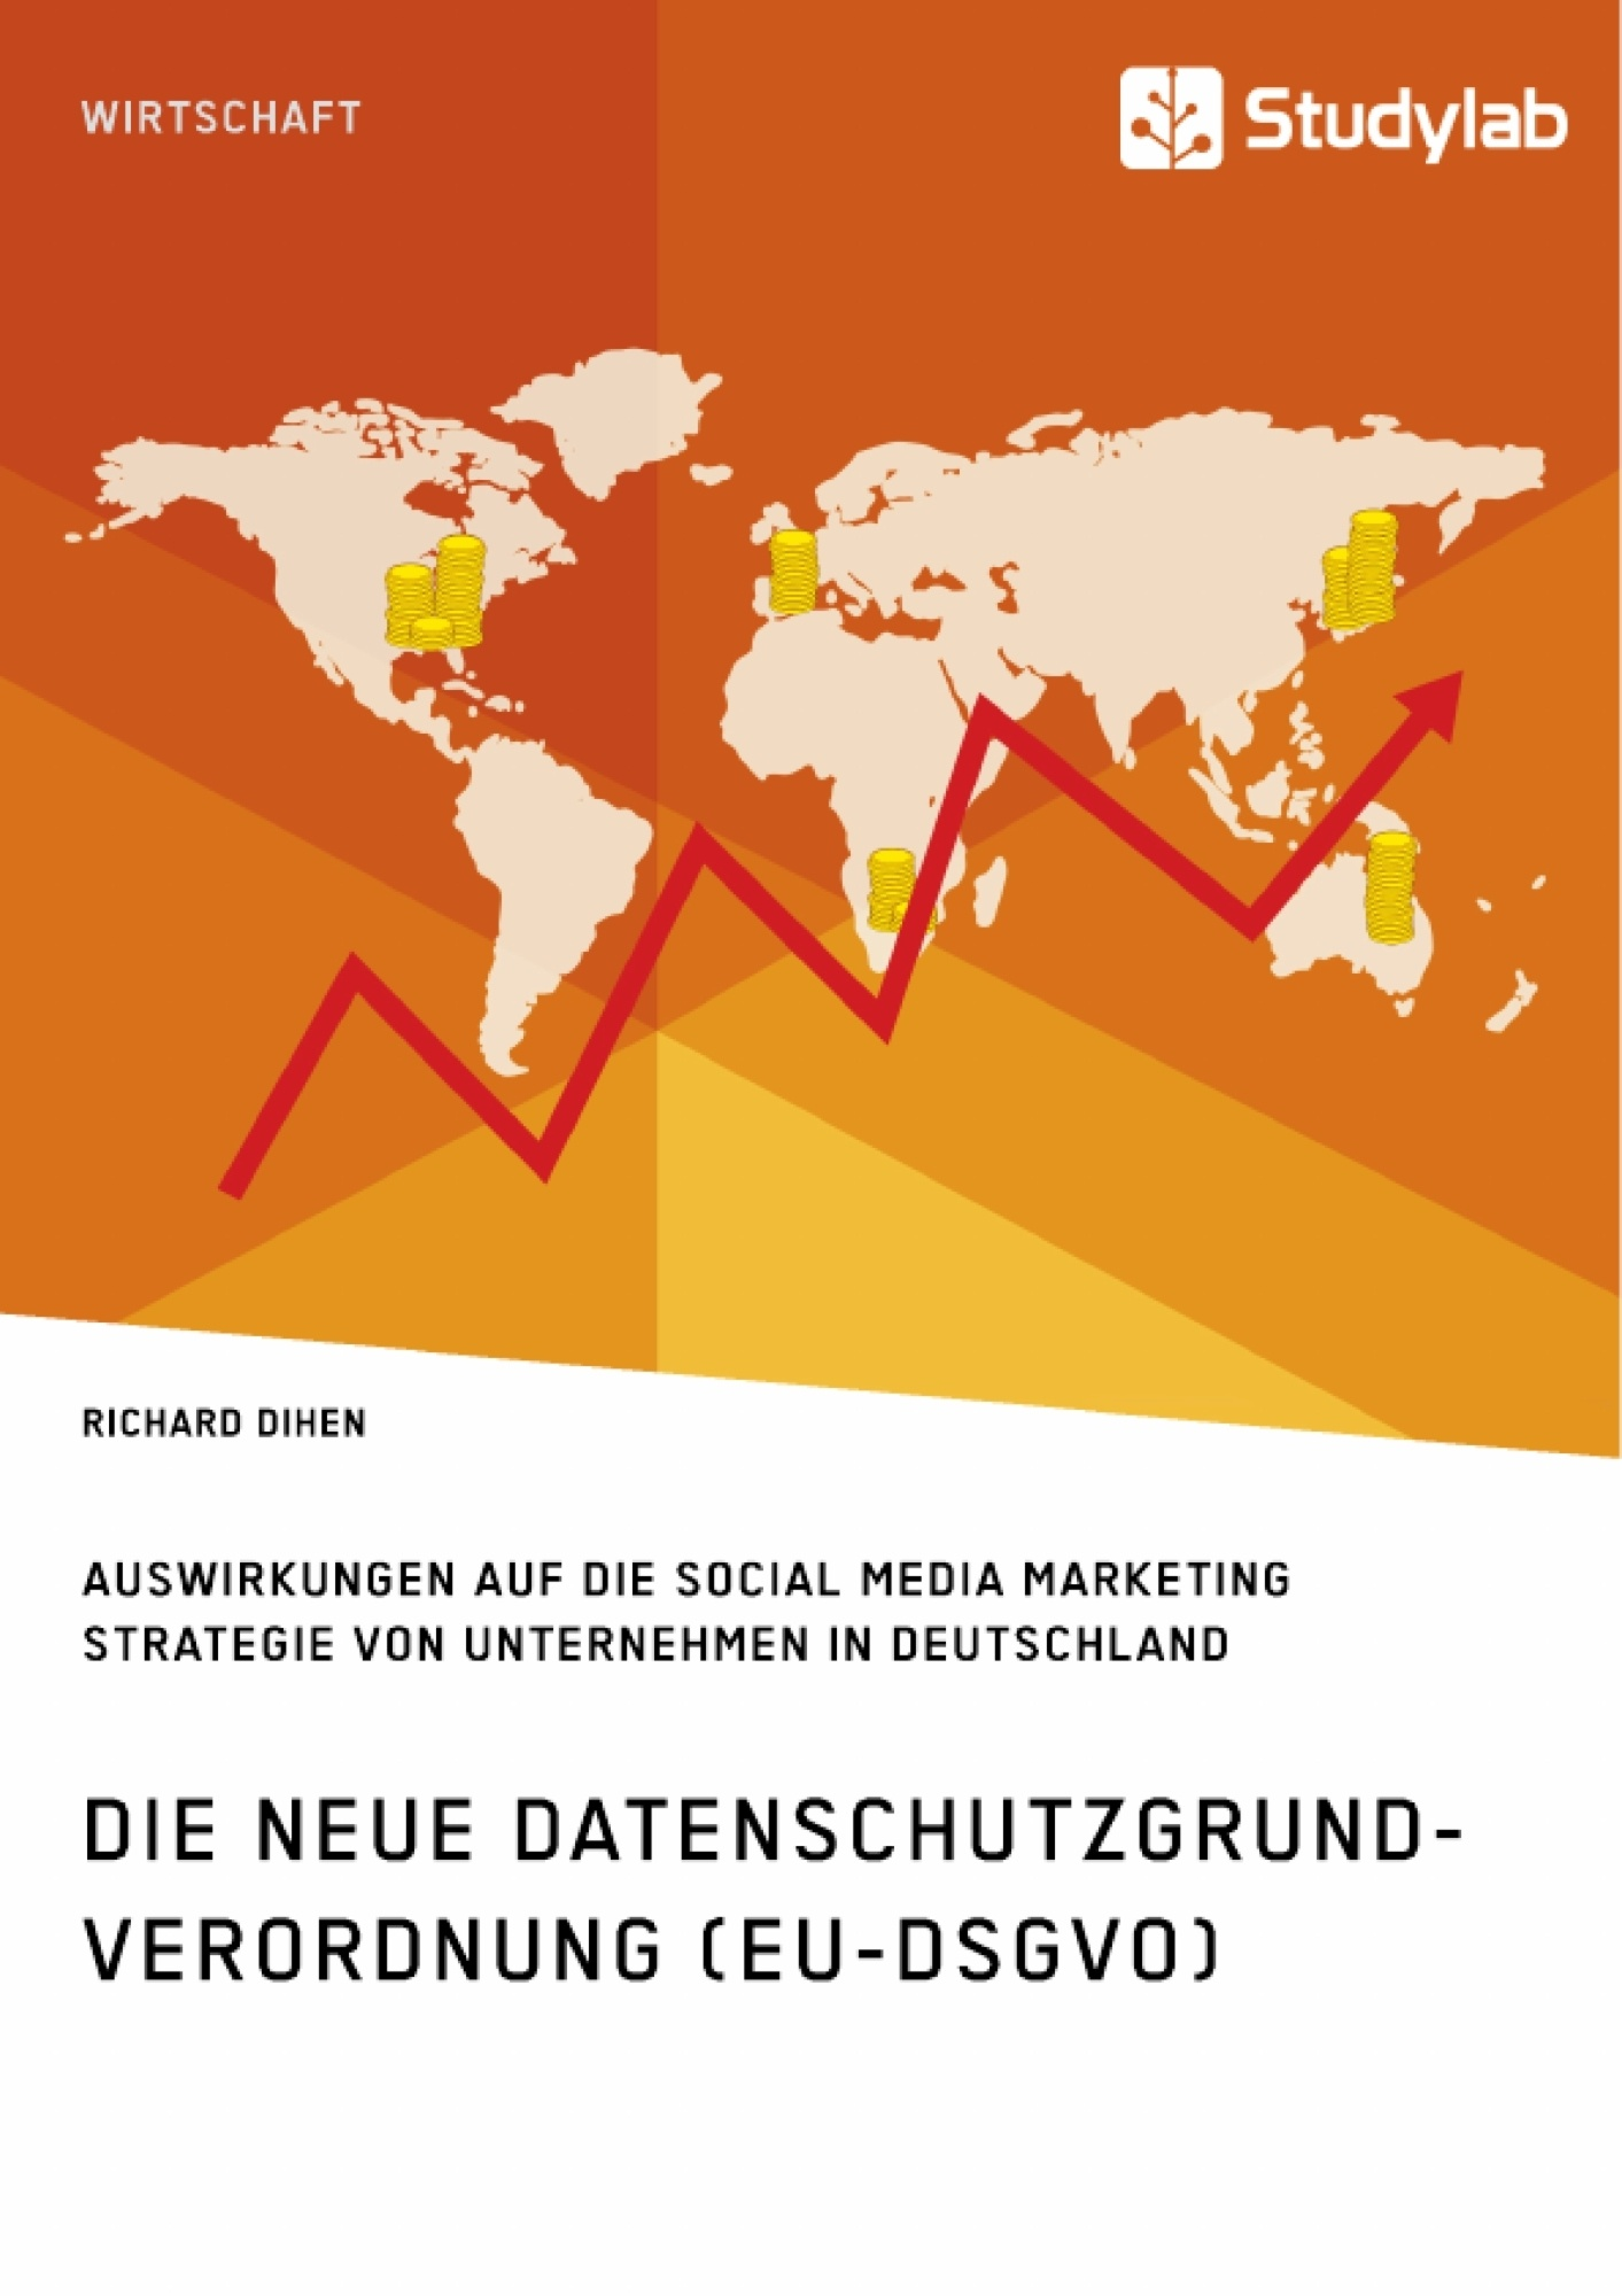 Titel: Die neue Datenschutzgrundverordnung (EU-DSGVO). Auswirkungen auf die Social Media Marketing Strategie von Unternehmen in Deutschland